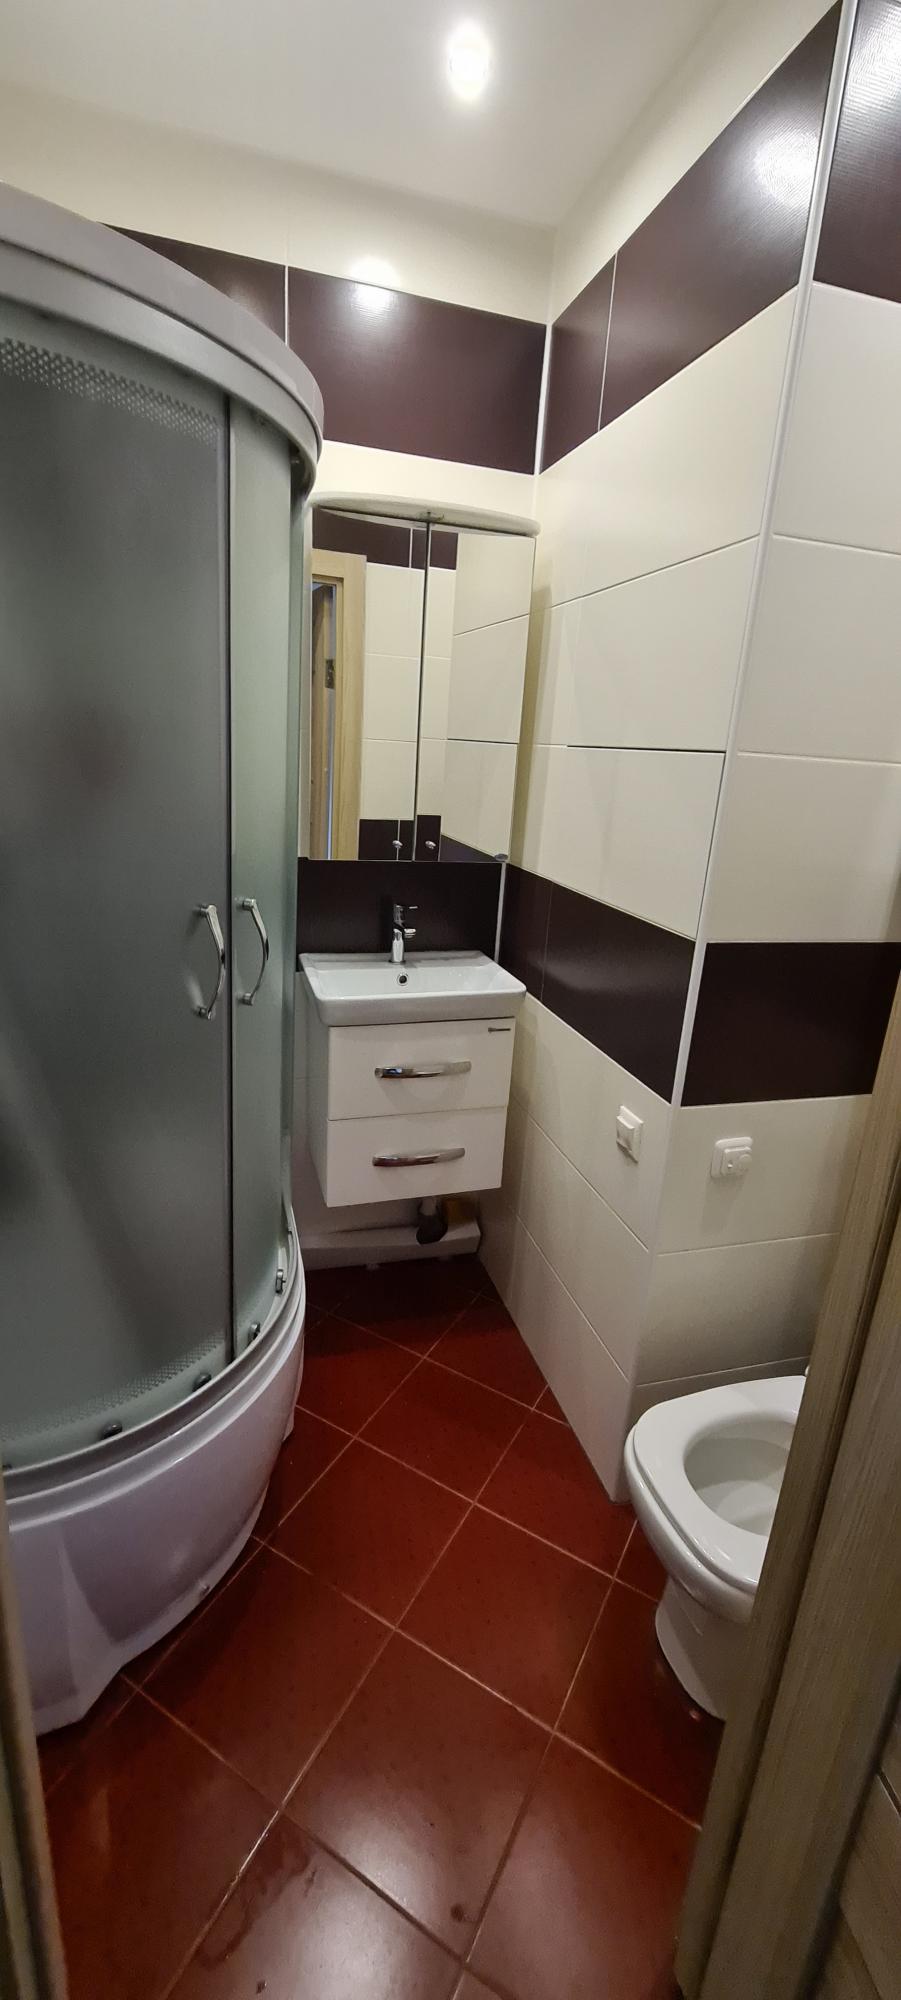 Квартира, 3 комнаты, 96 м² в Москве 89154177177 купить 6